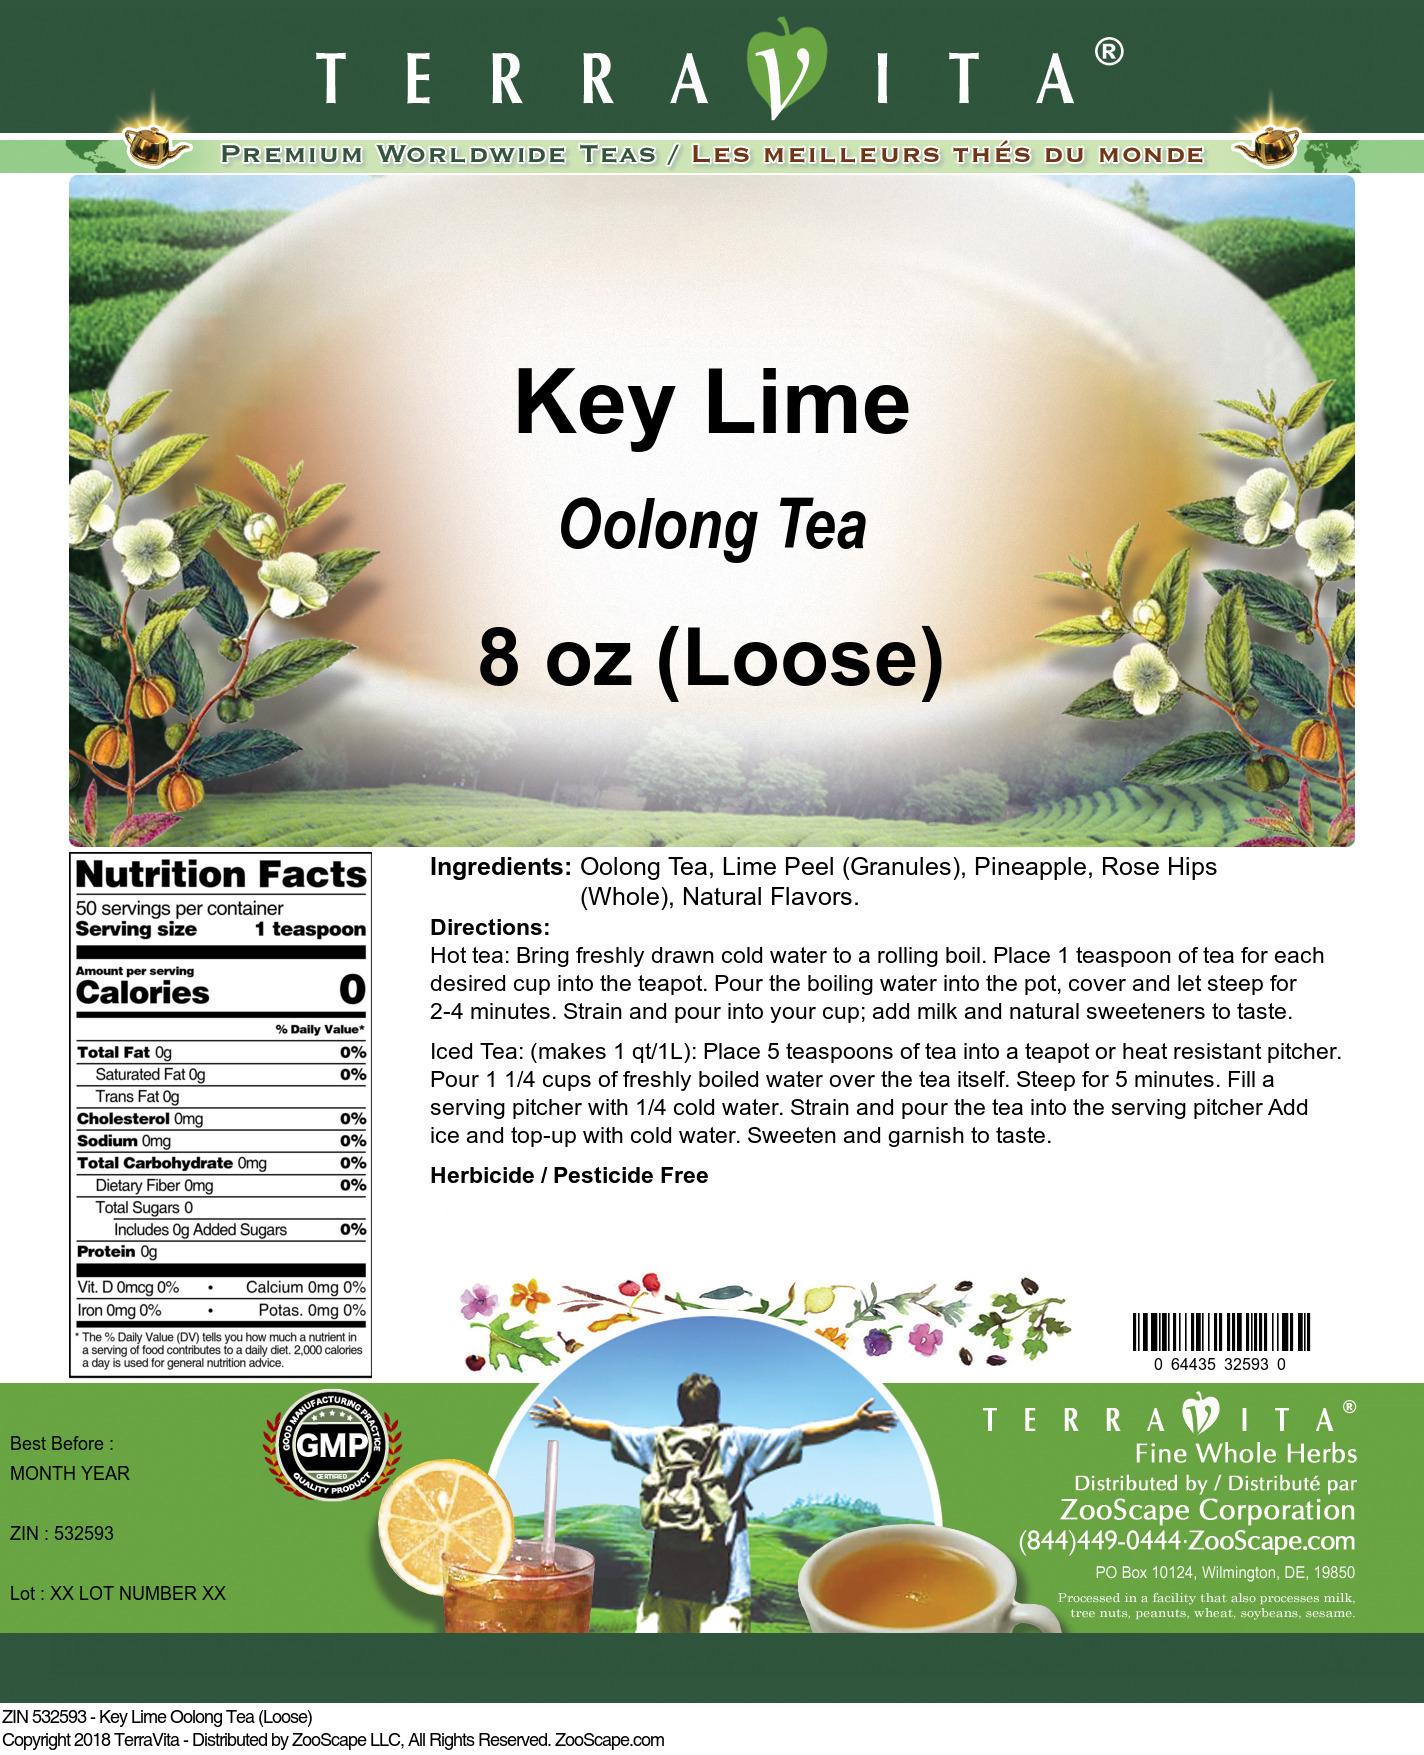 Key Lime Oolong Tea (Loose)